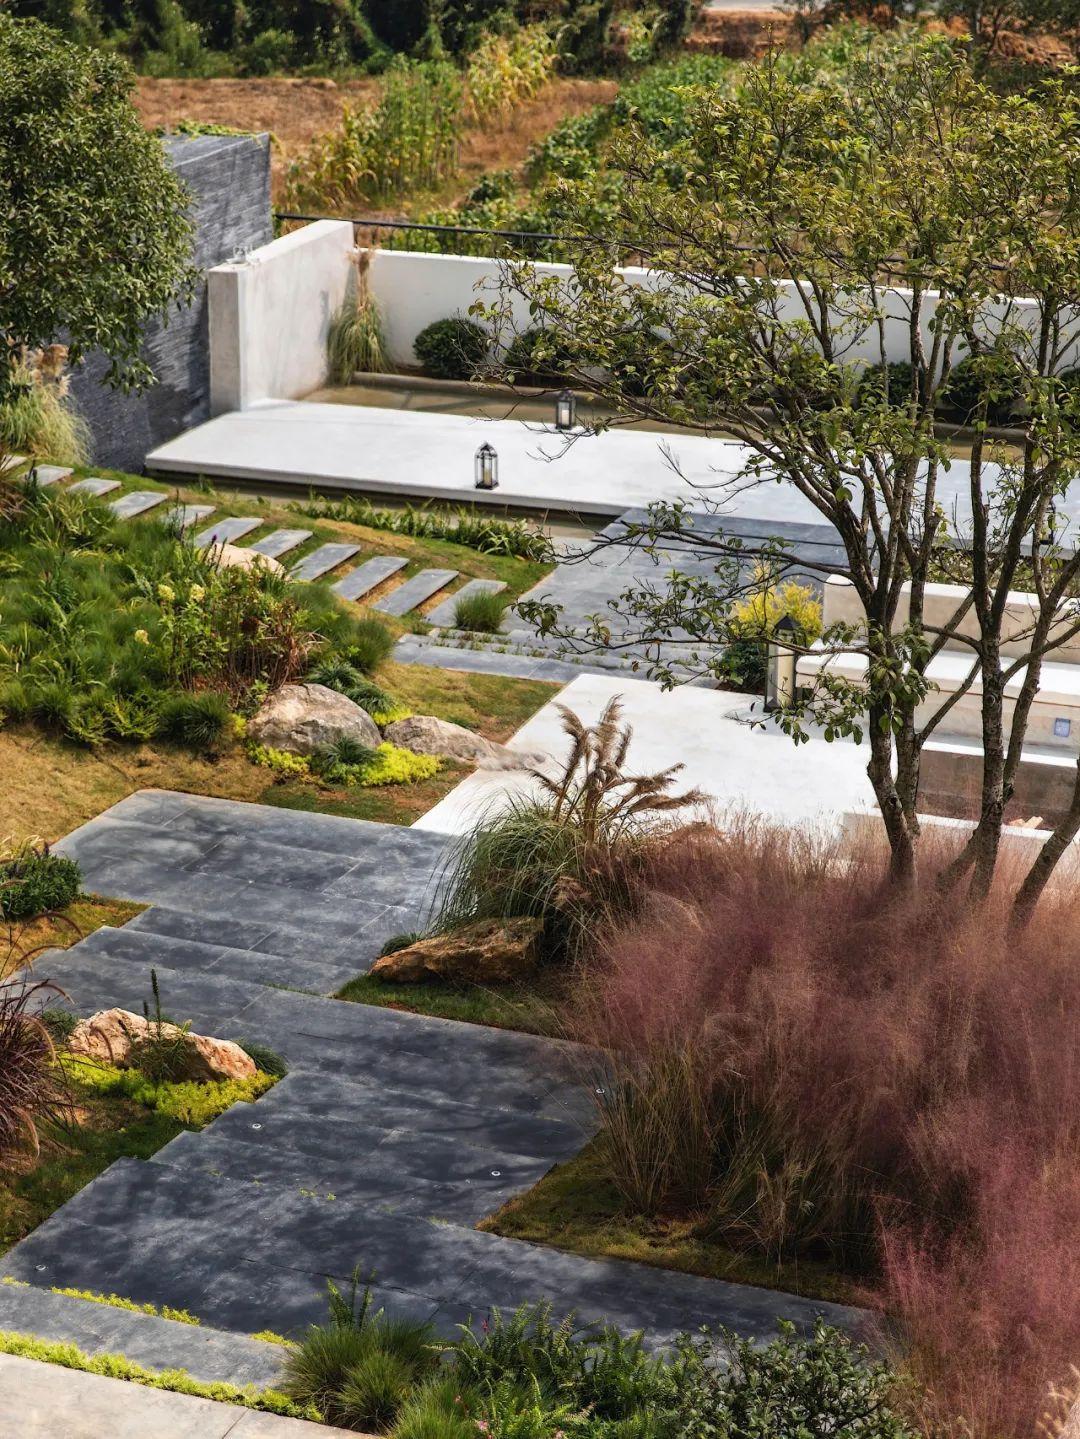 Cô gái xinh đẹp quyết nghỉ việc về quê xây lâu đài trắng, làm vườn cùng bố trên mảnh đất 3000m² - Ảnh 16.